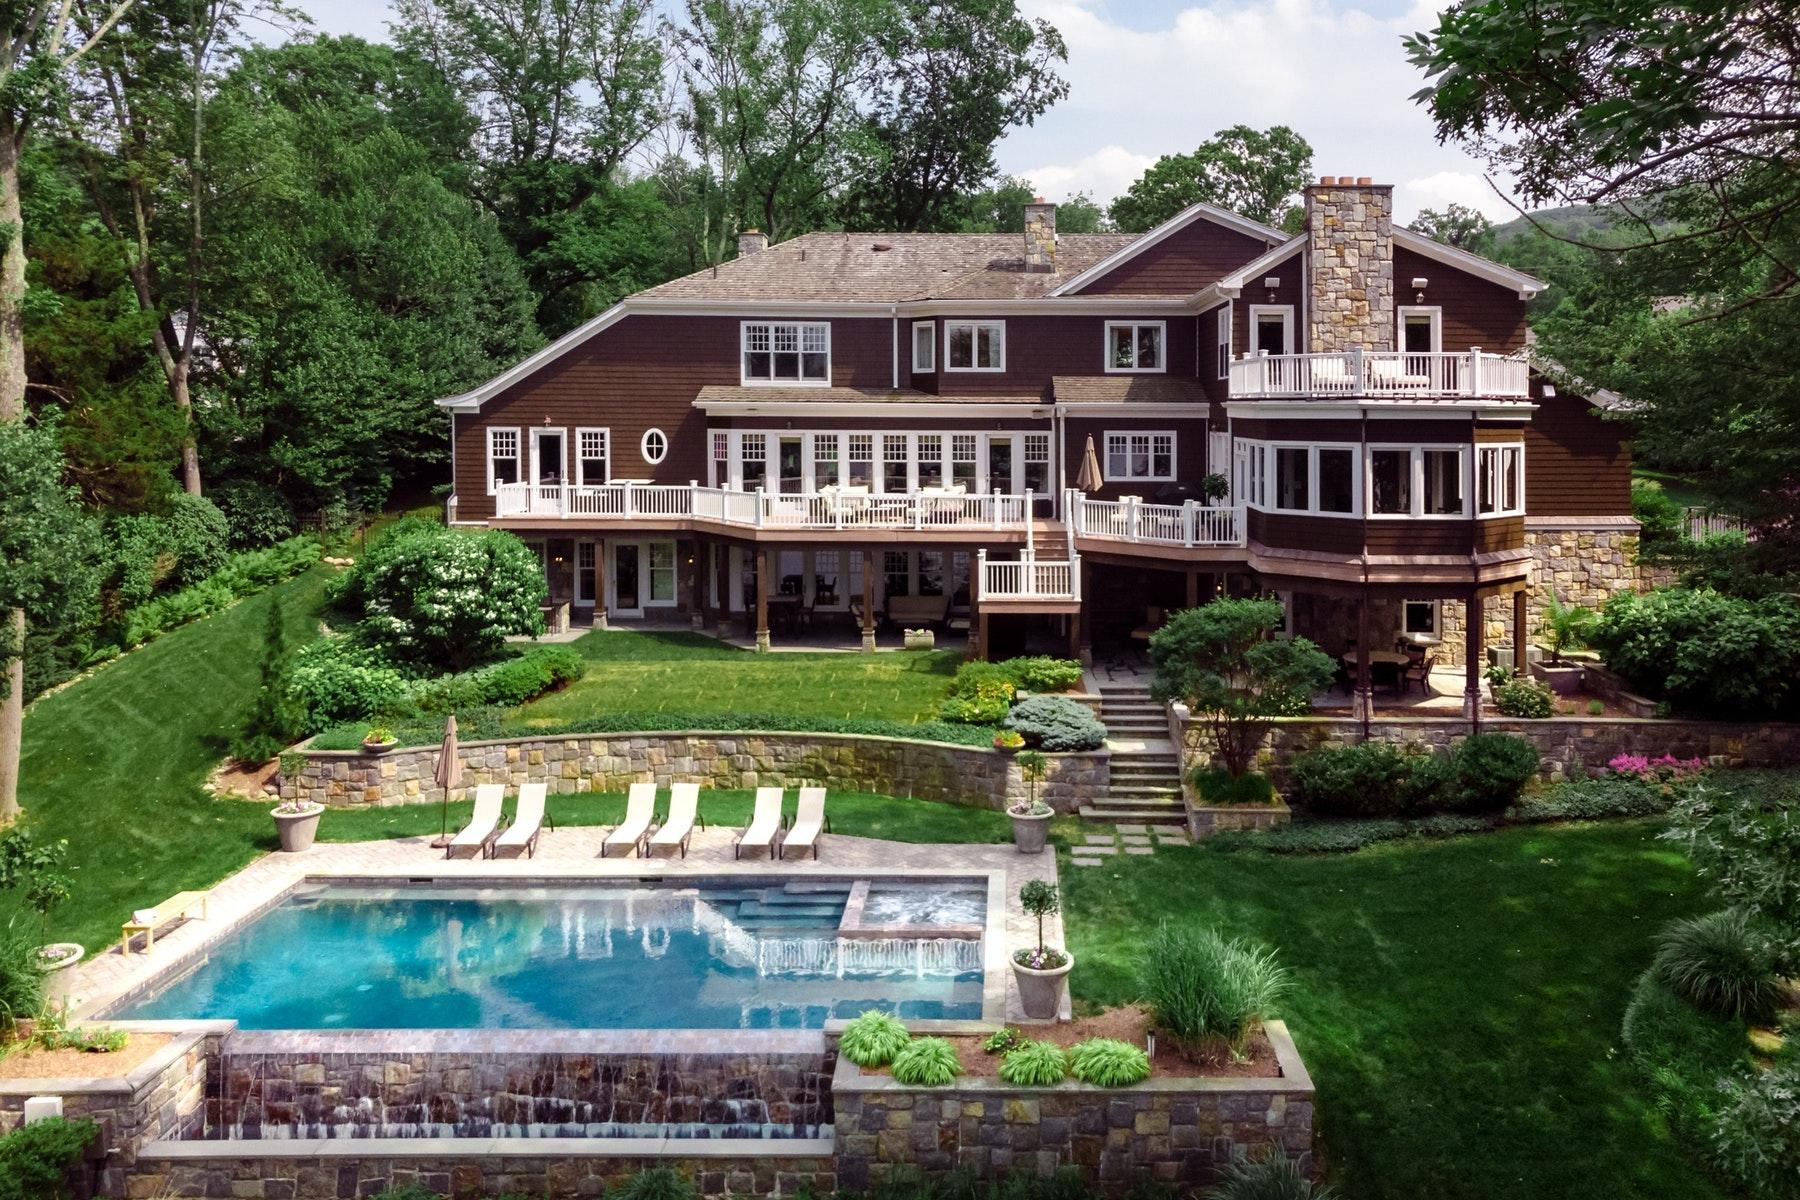 Частный односемейный дом для того Продажа на Waterfront Masion 907 Scioto Drive, Franklin Lakes, Нью-Джерси 07417 Соединенные Штаты